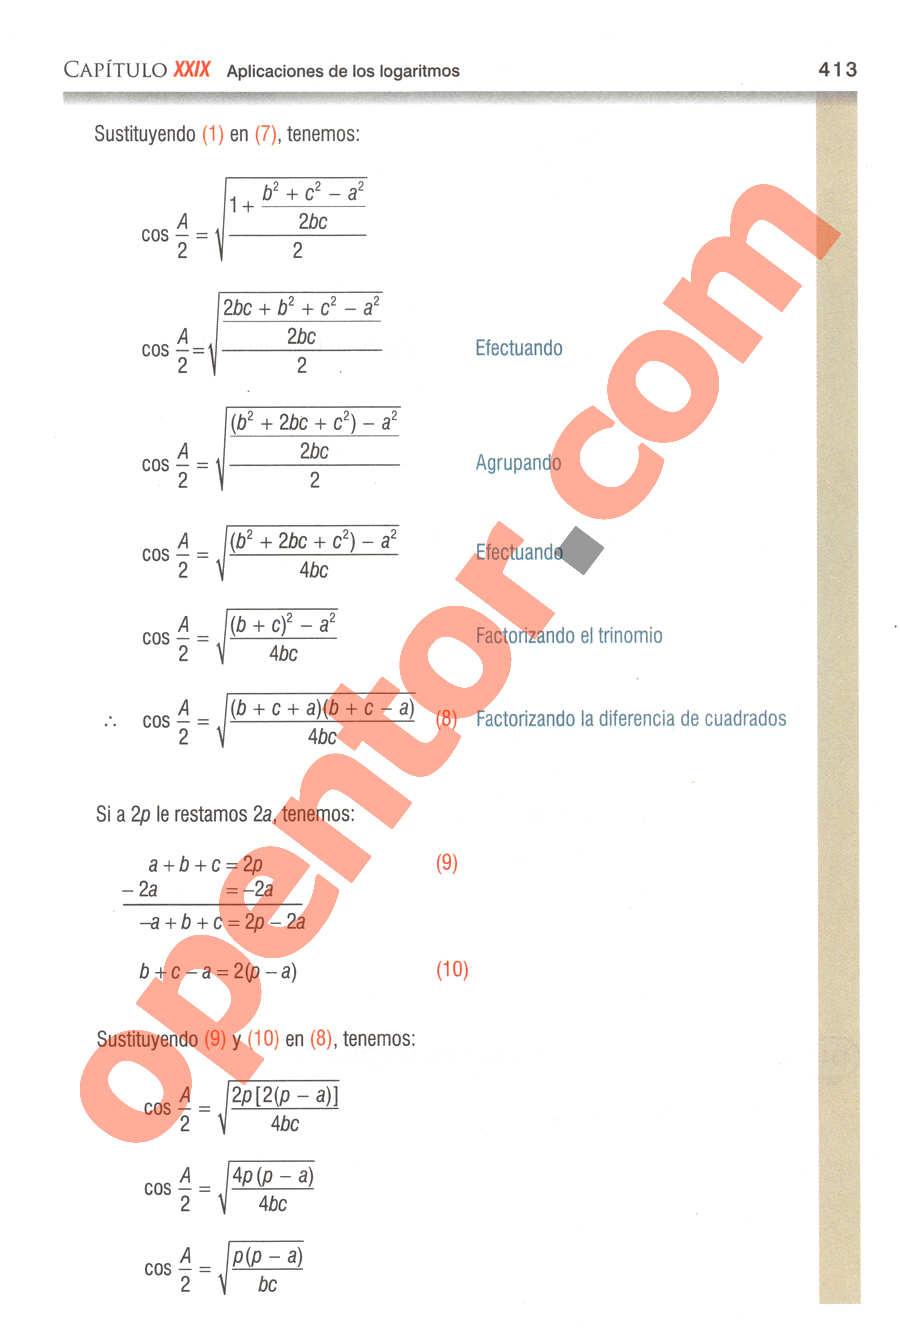 Geometría y Trigonometría de Baldor - Página 413